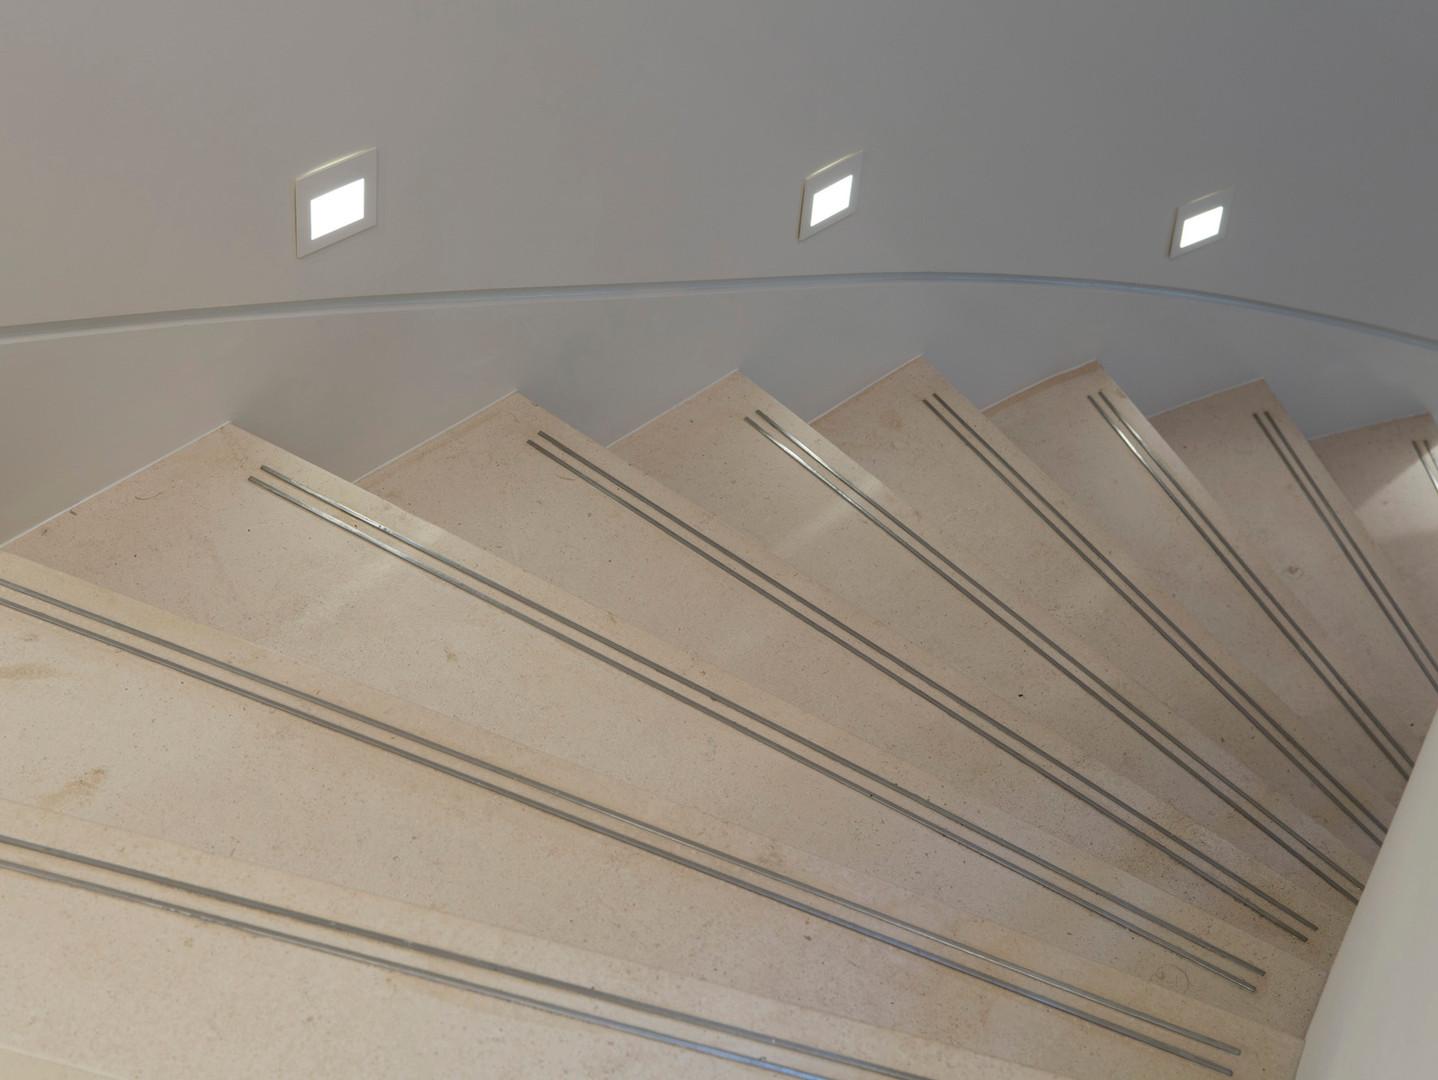 TH3_Limestone _stair_detail.jpg